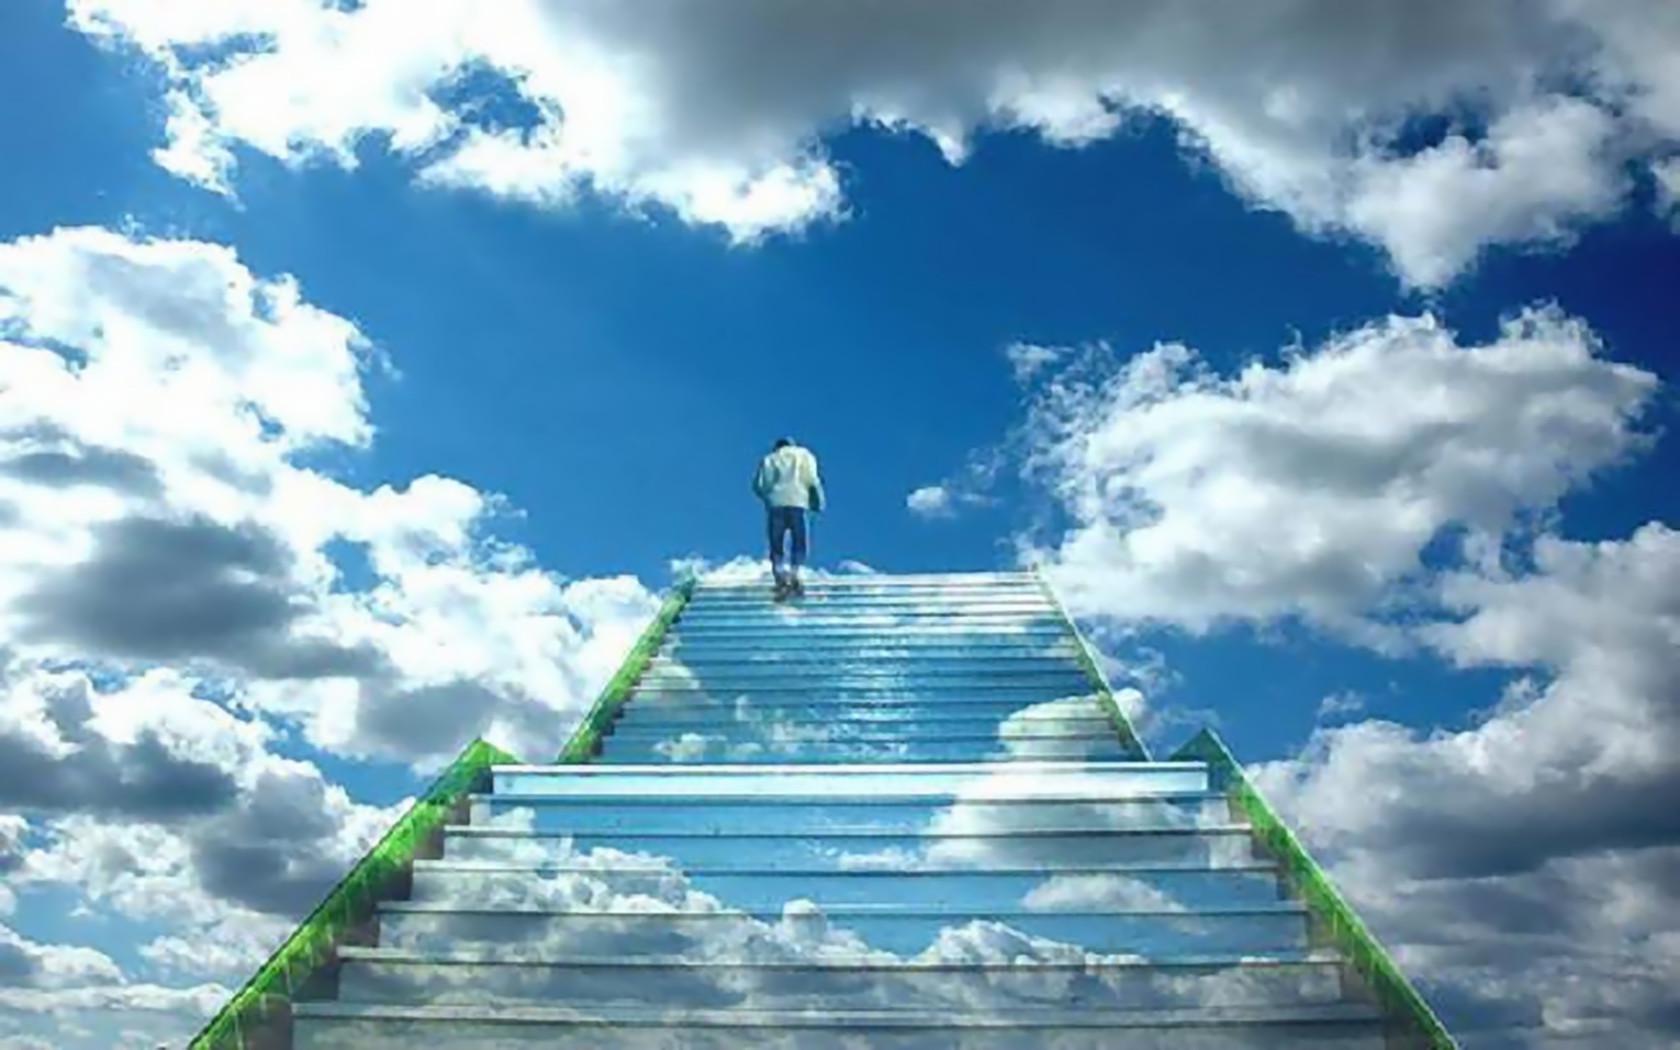 какое место занимает мечта в жизни человека